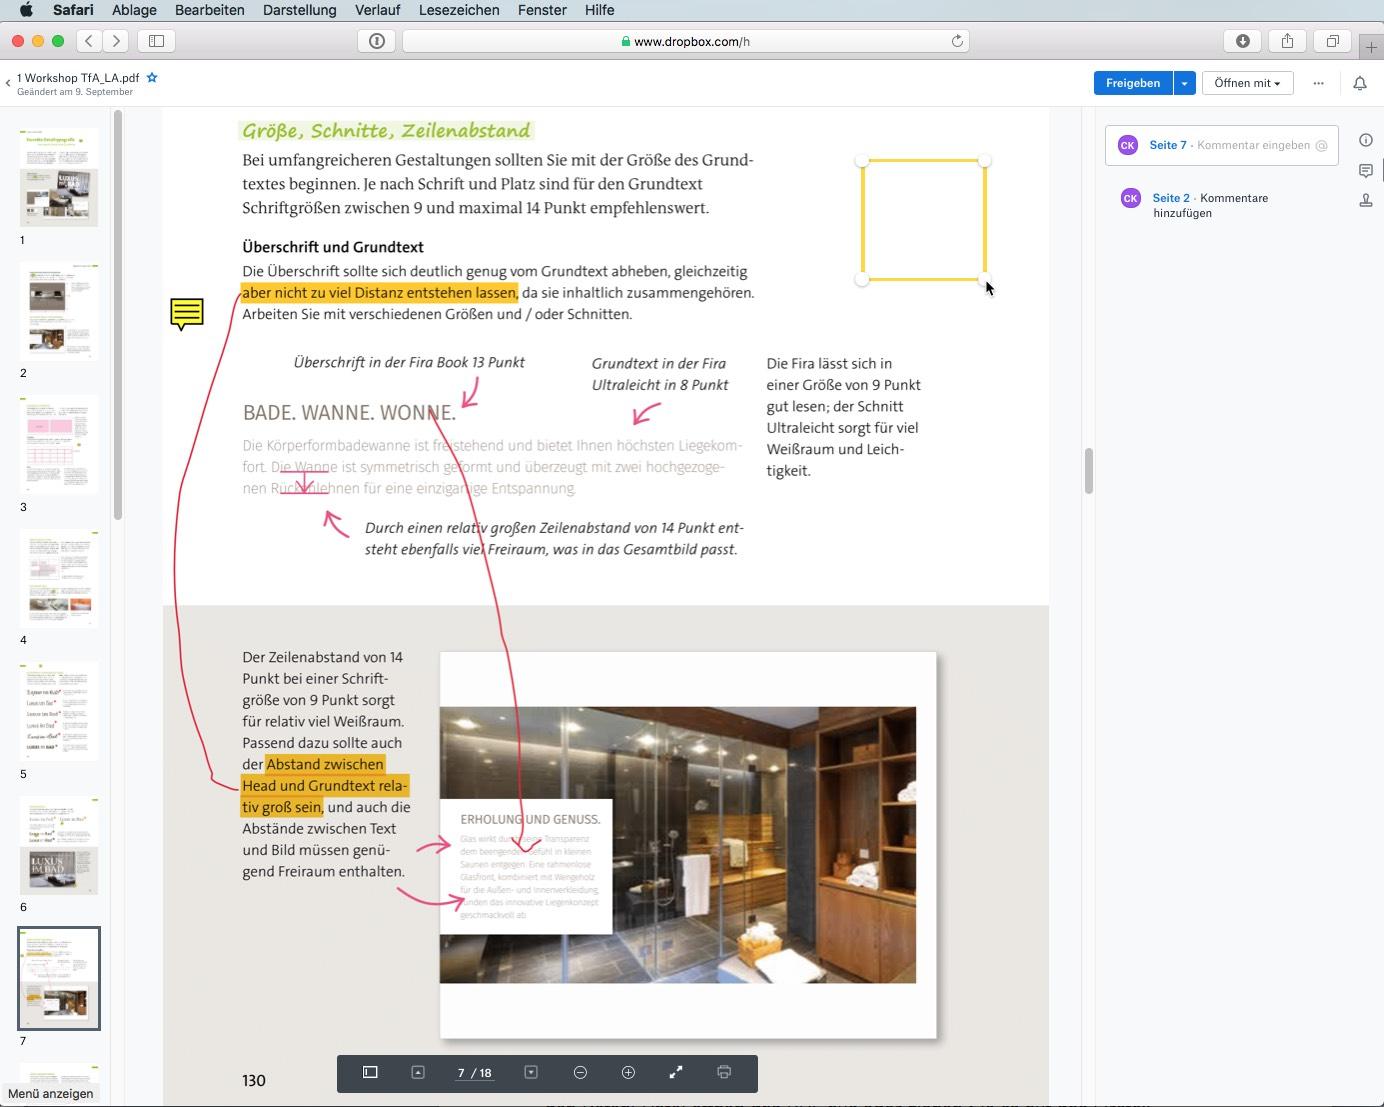 Der Web-Client erlaubt es sogar, Kommentare einzufügen